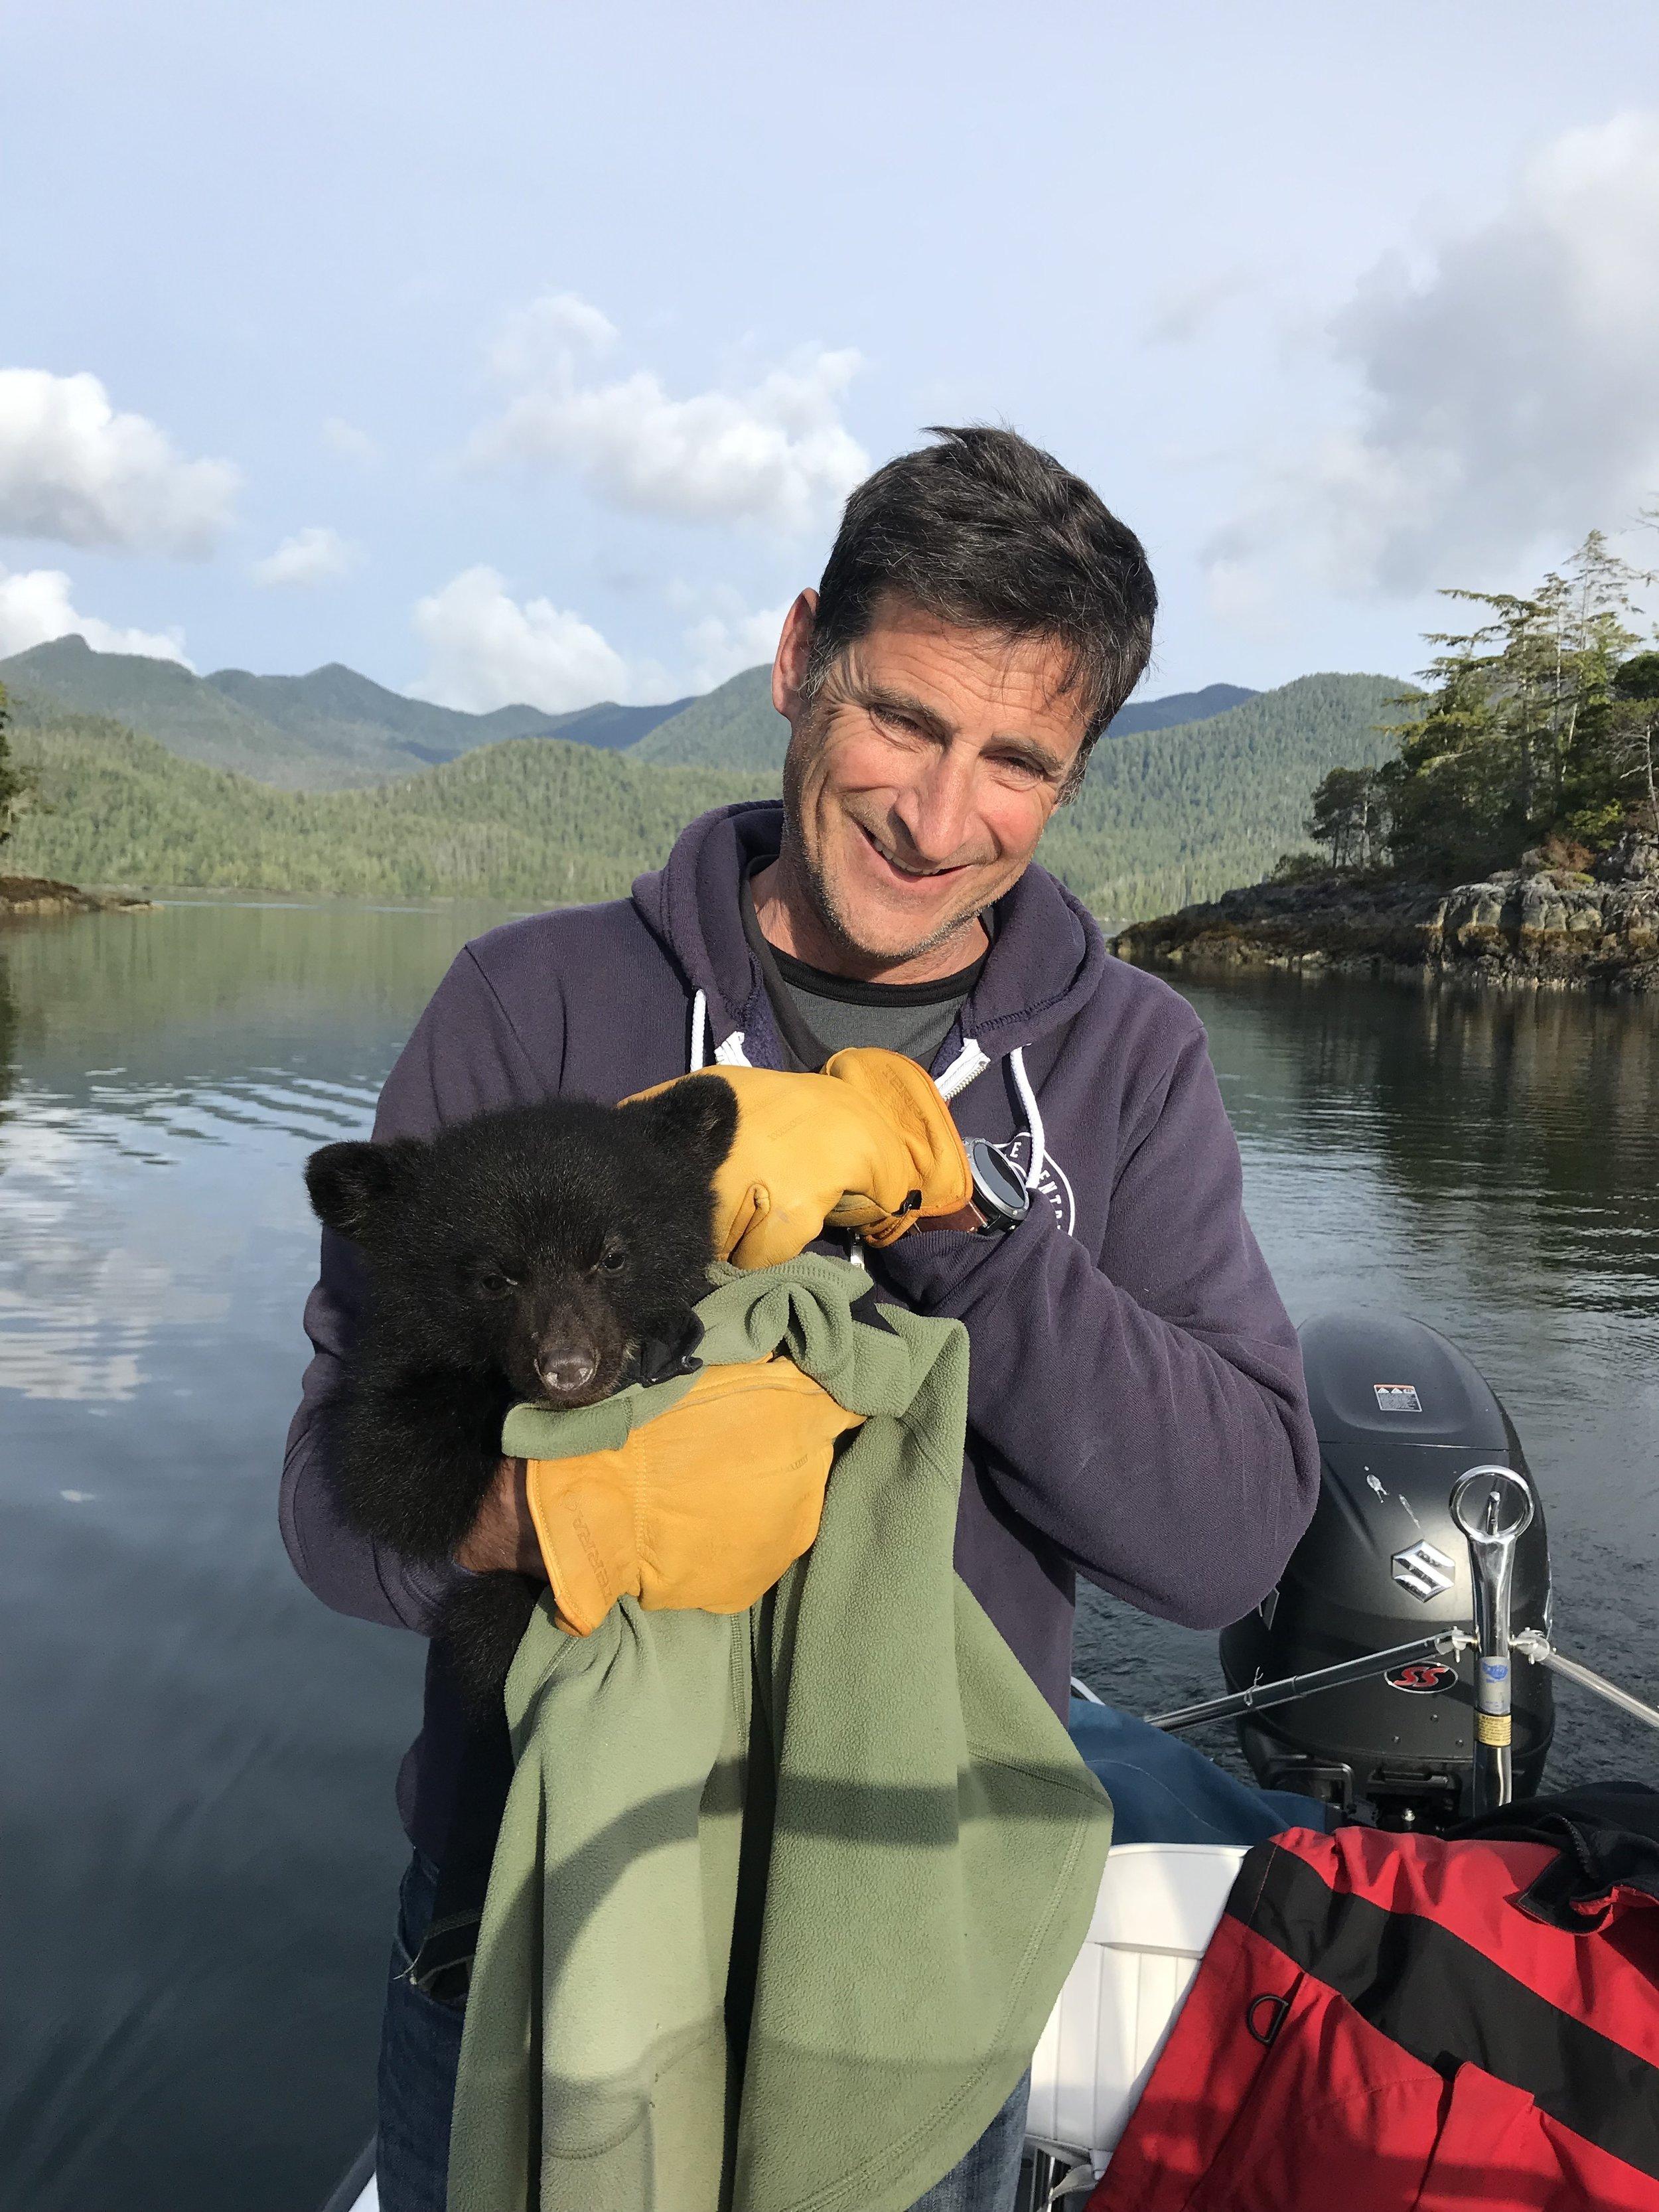 Tofino Bear Cub Rescue